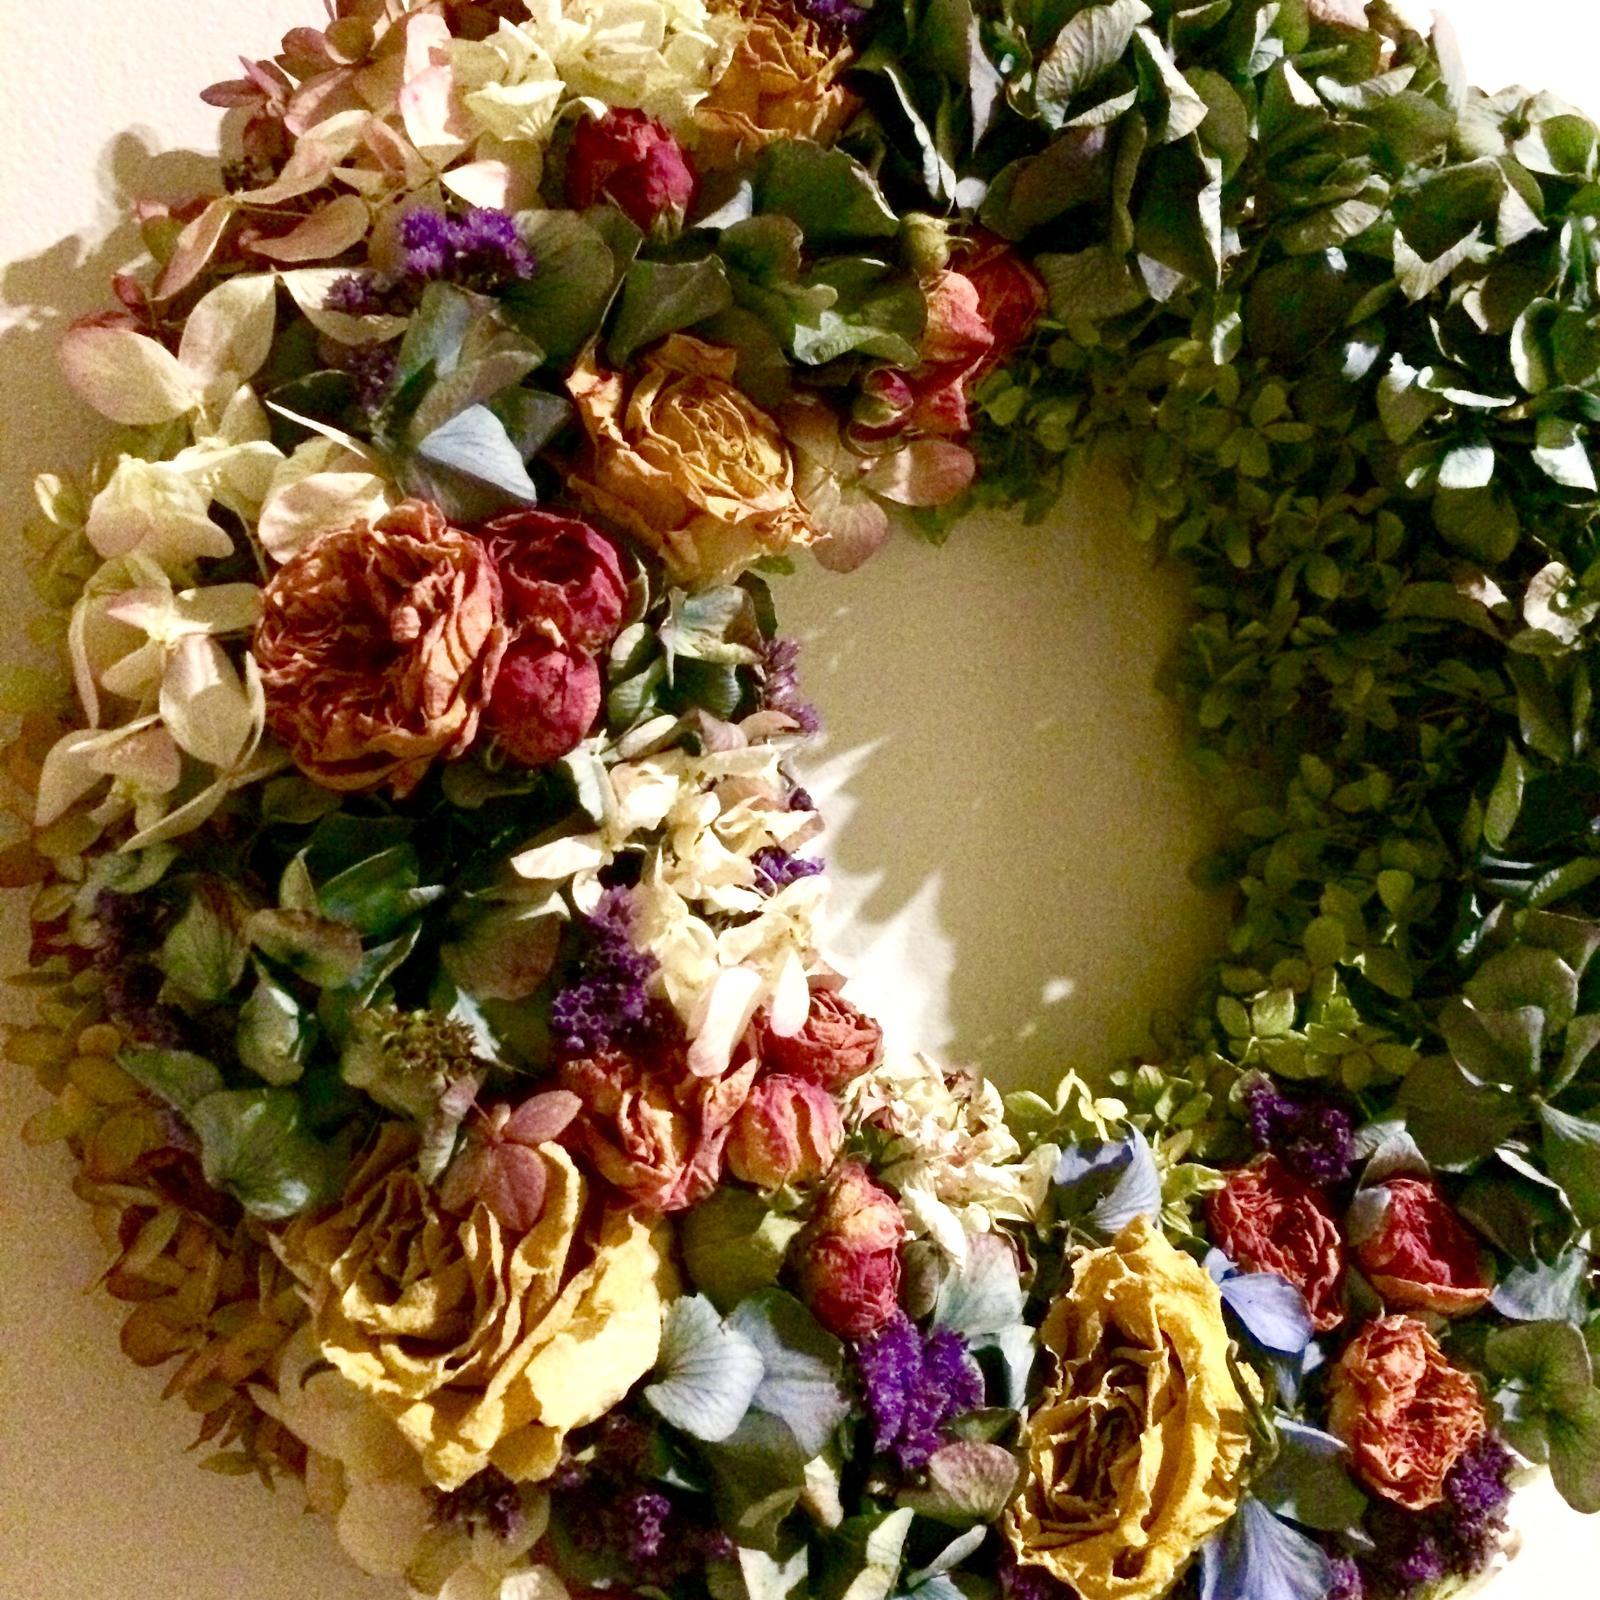 Dekorace z květin Pro radost - Obrázek č. 84